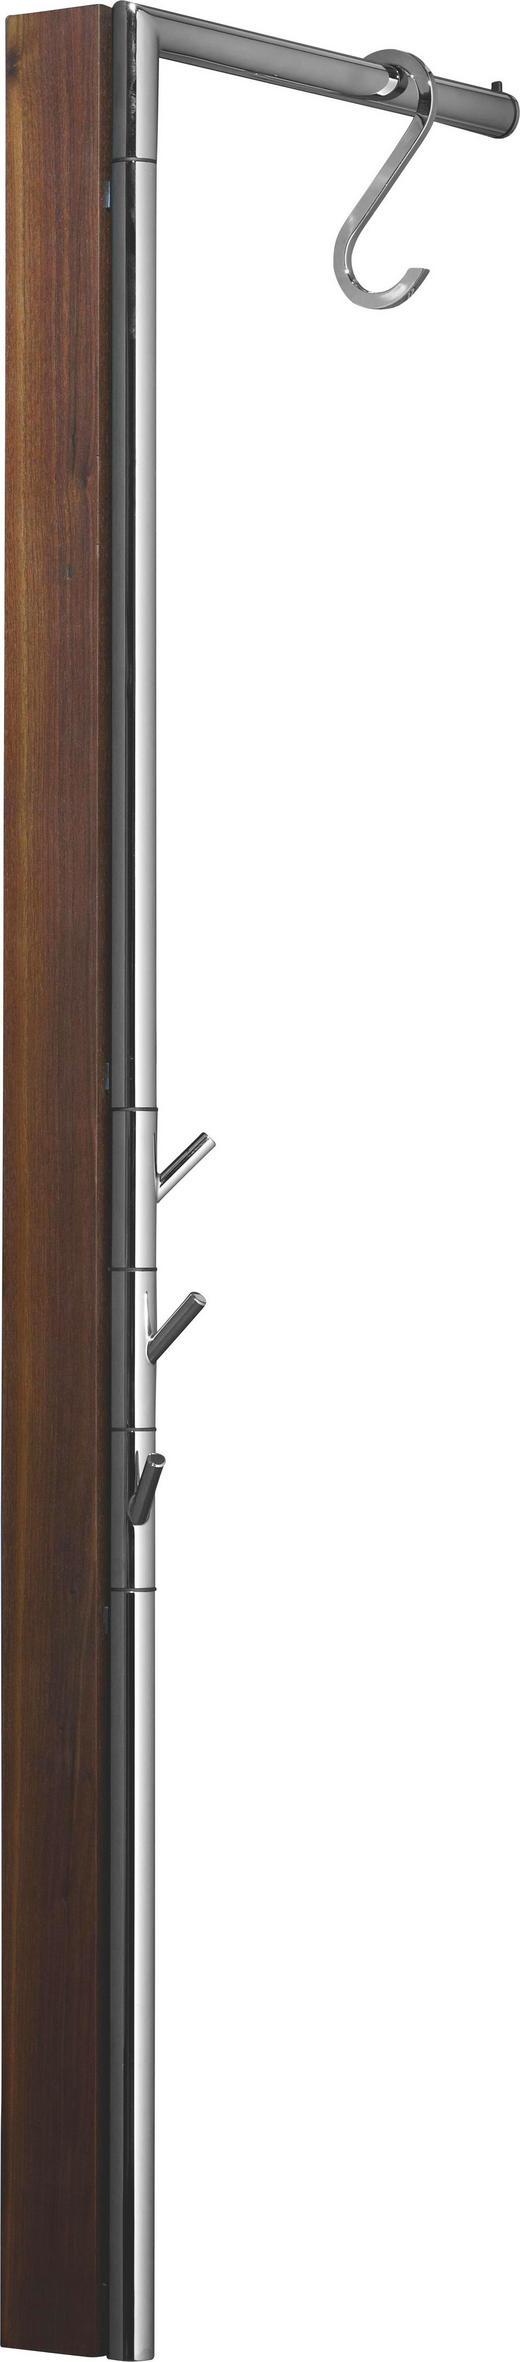 WANDGARDEROBE Nussbaum massiv Nussbaumfarben - Nussbaumfarben, MODERN, Holz/Metall (2,5(35)/120/38,5cm)